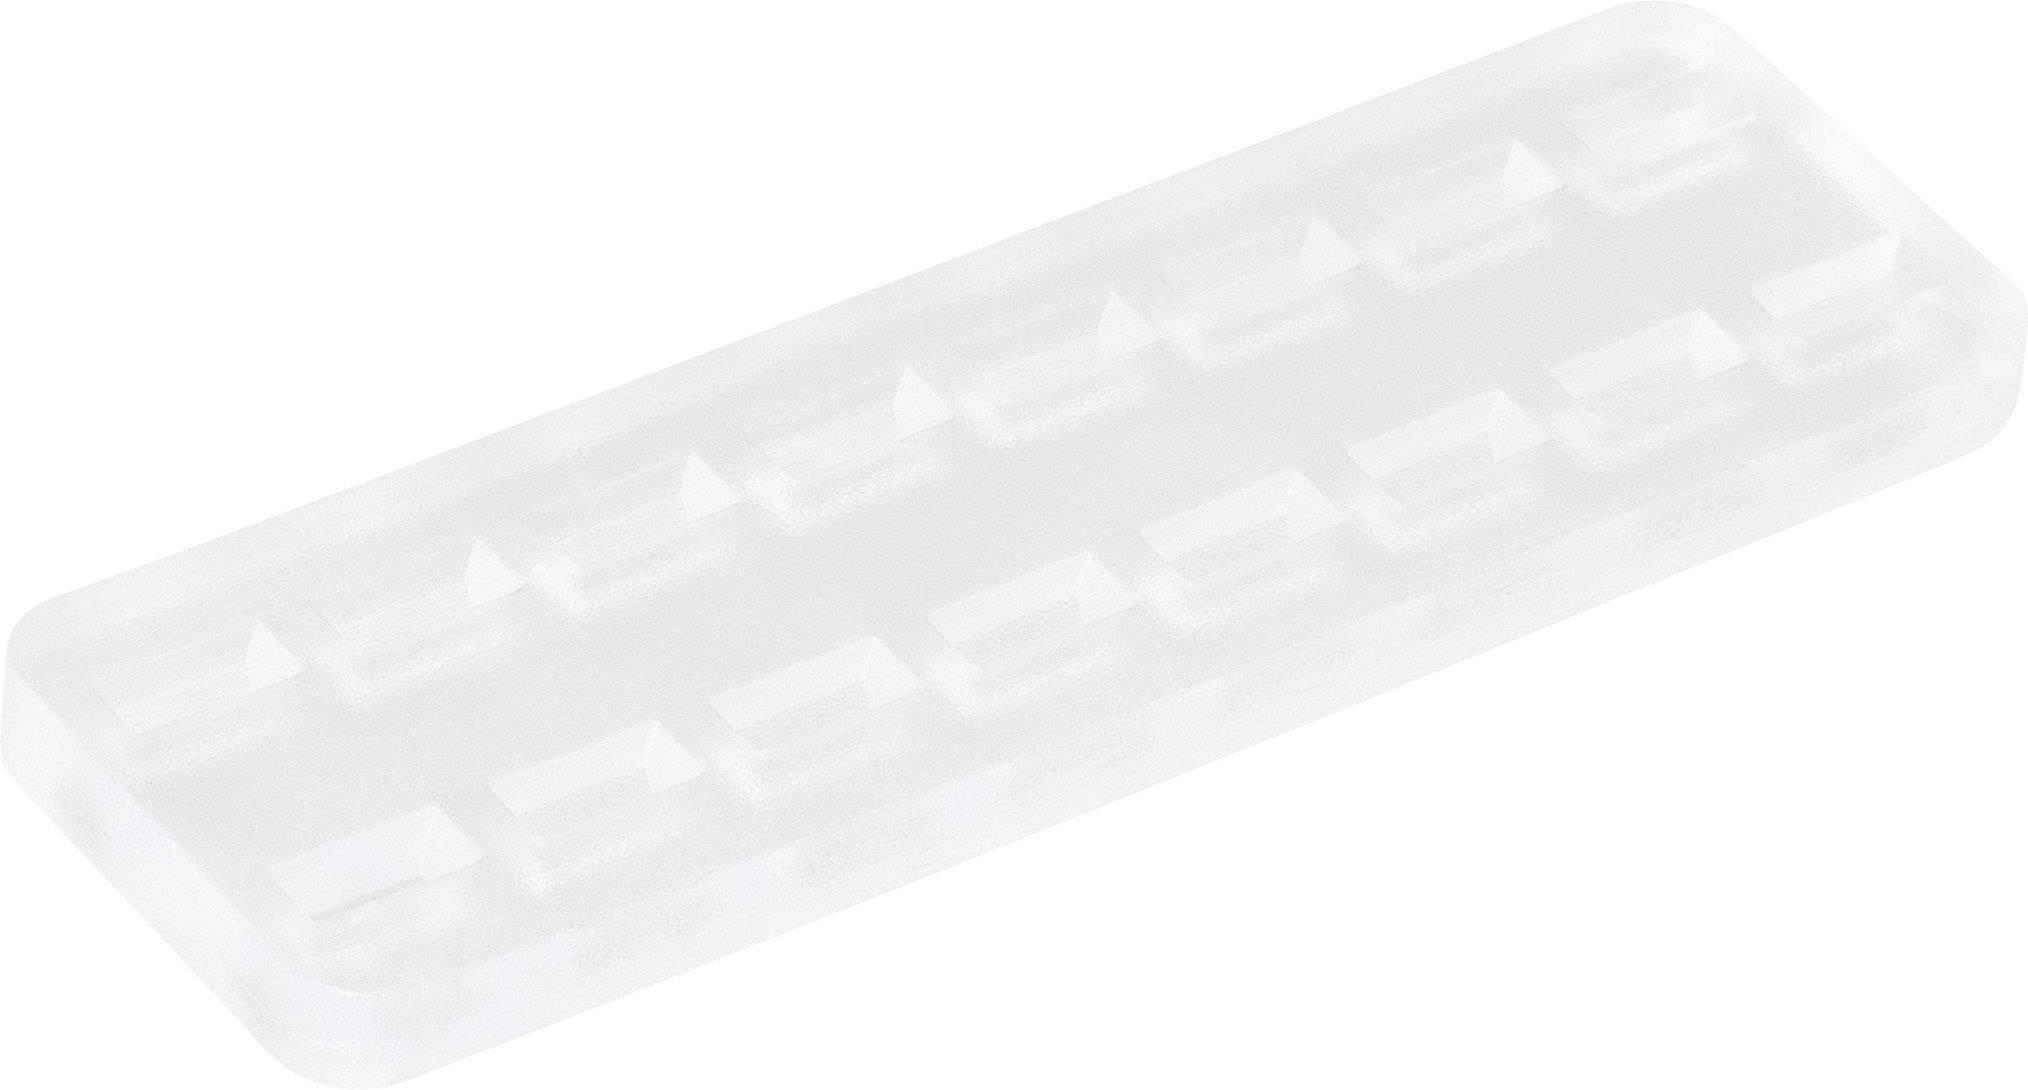 Těsnění pro J-P-T pouzdro TE Connectivity J-P-T (963216-1), přírodní